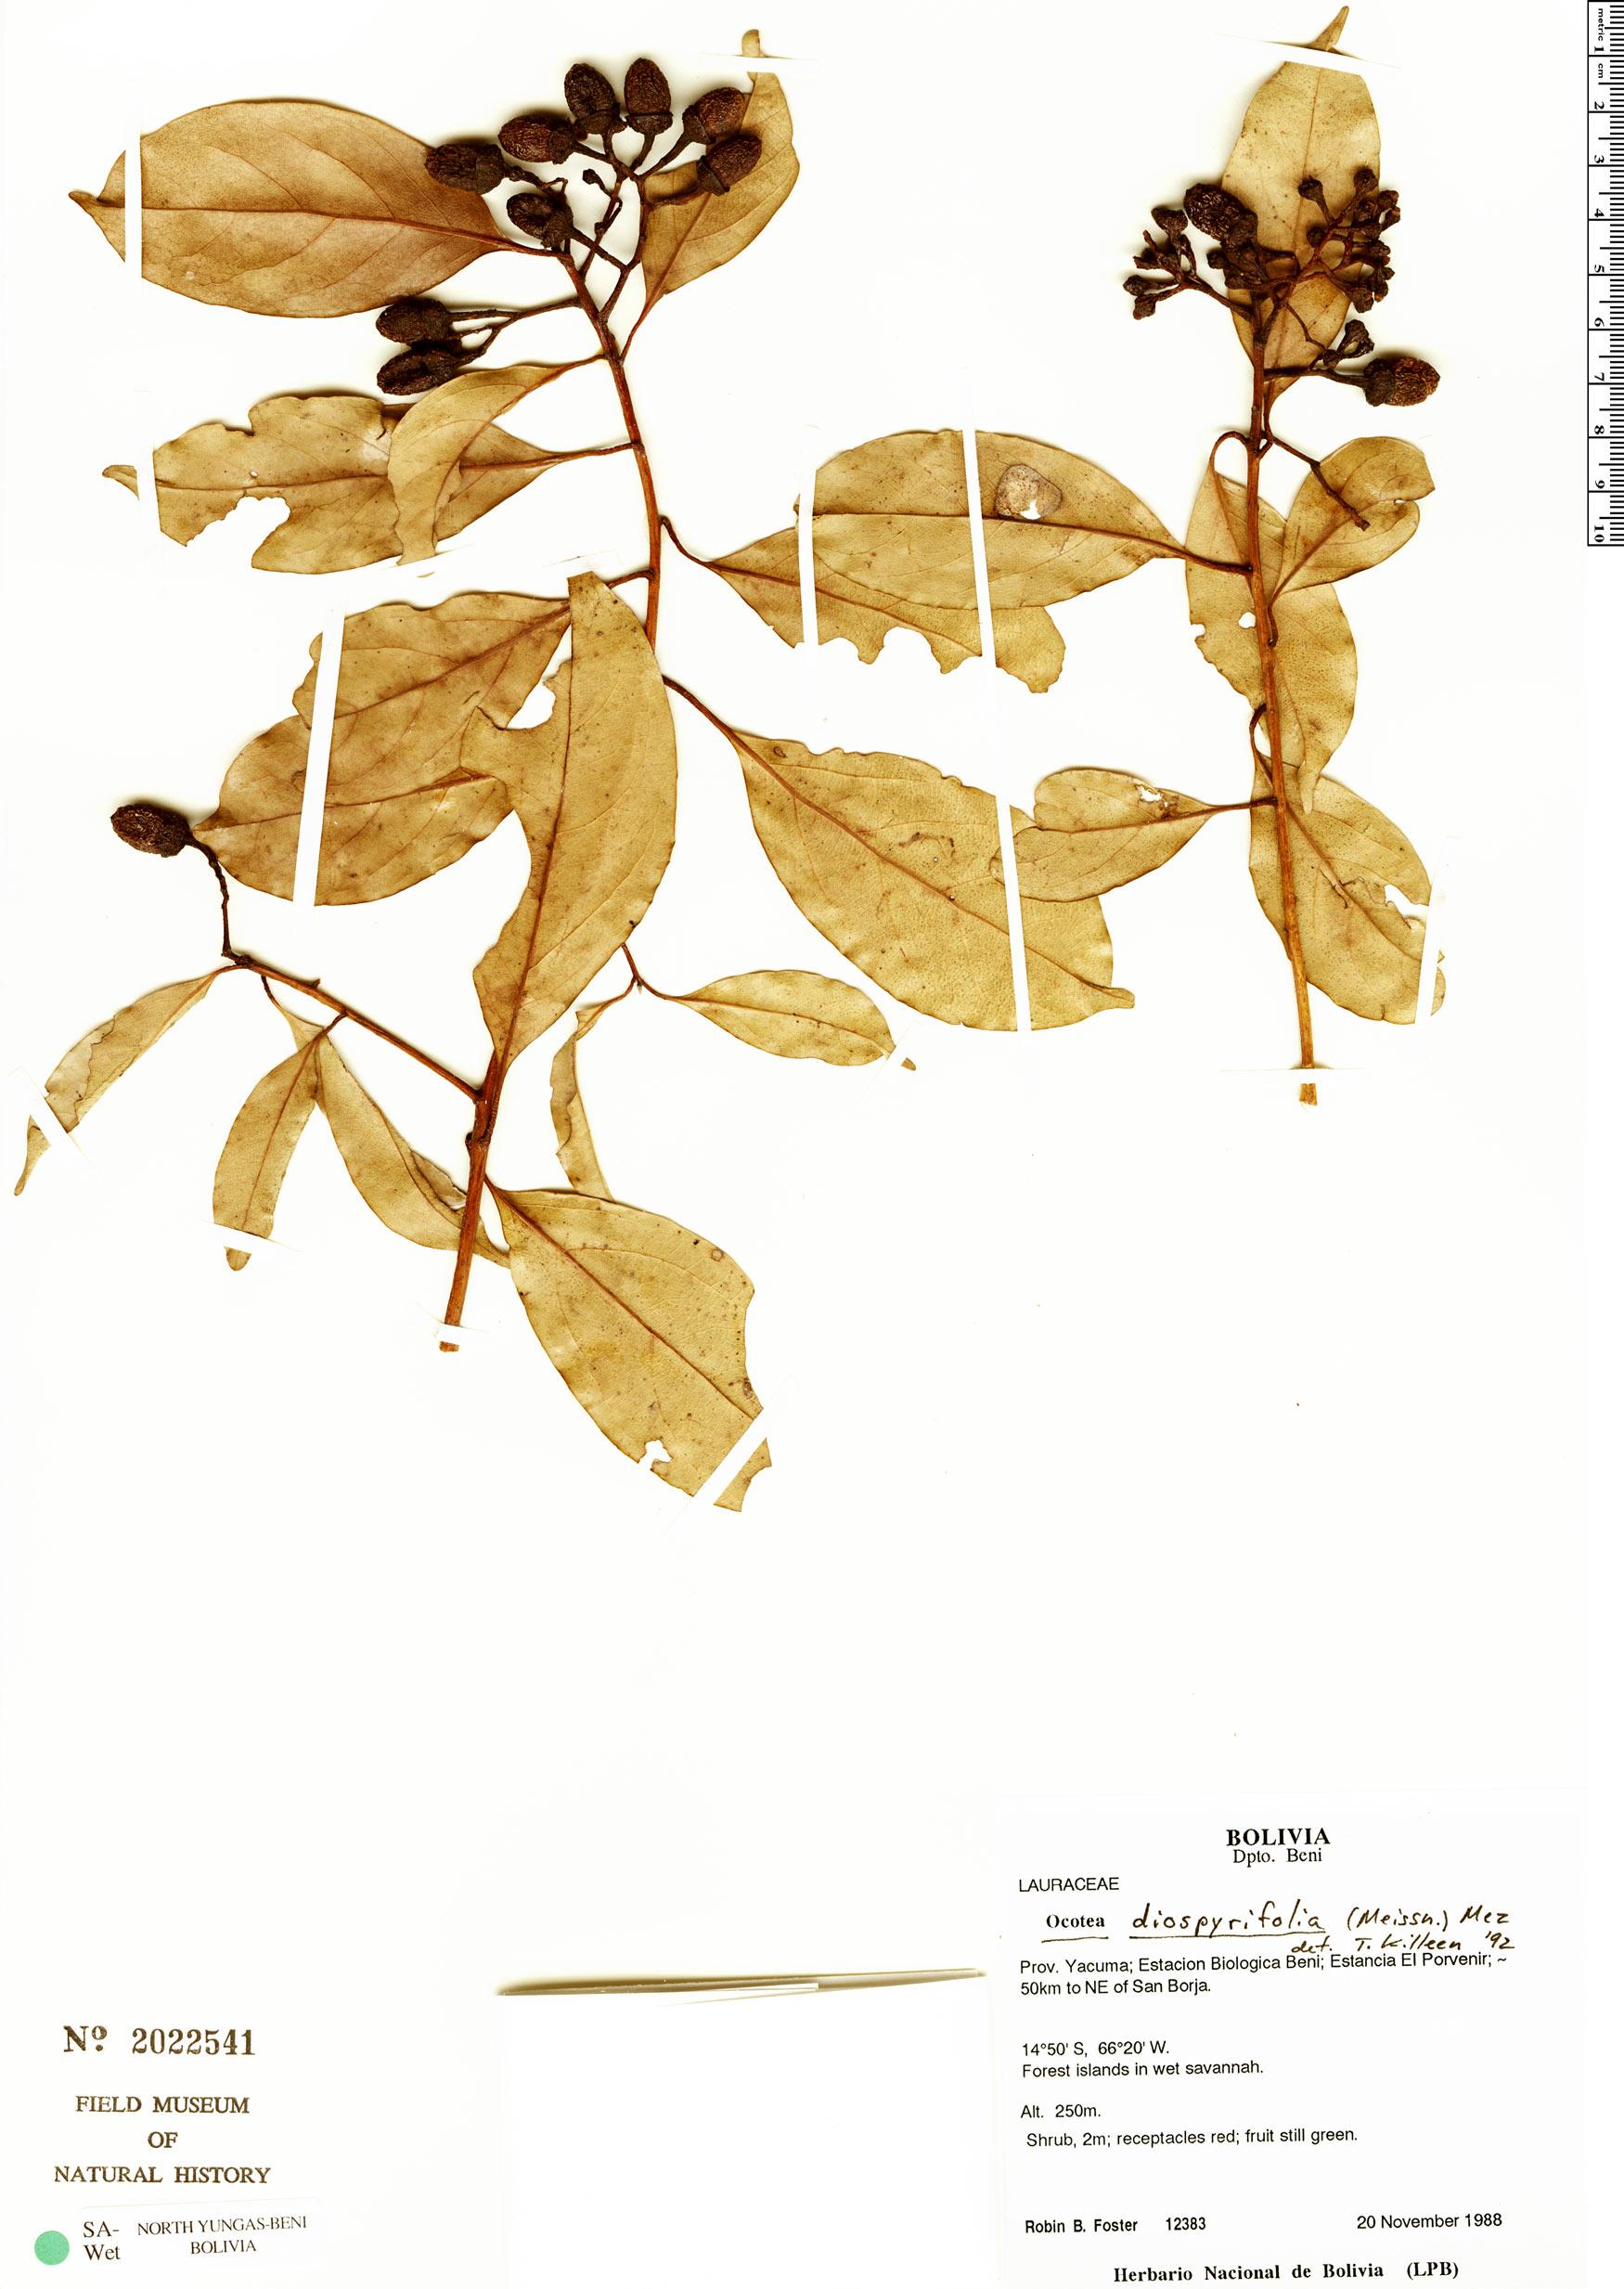 Specimen: Ocotea diospyrifolia